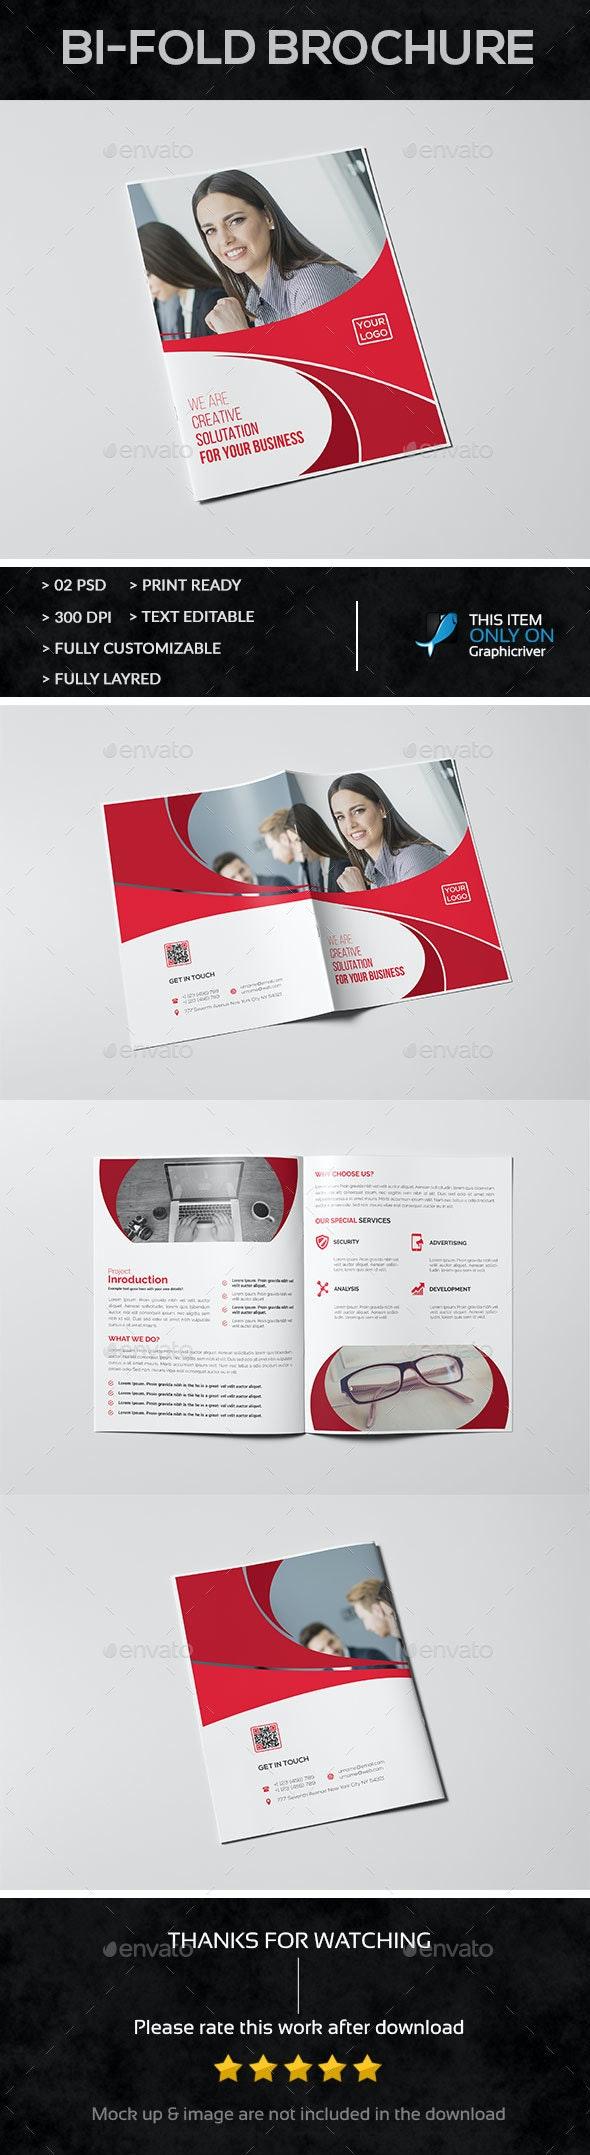 Corporate Bifold Brochure - Brochures Print Templates